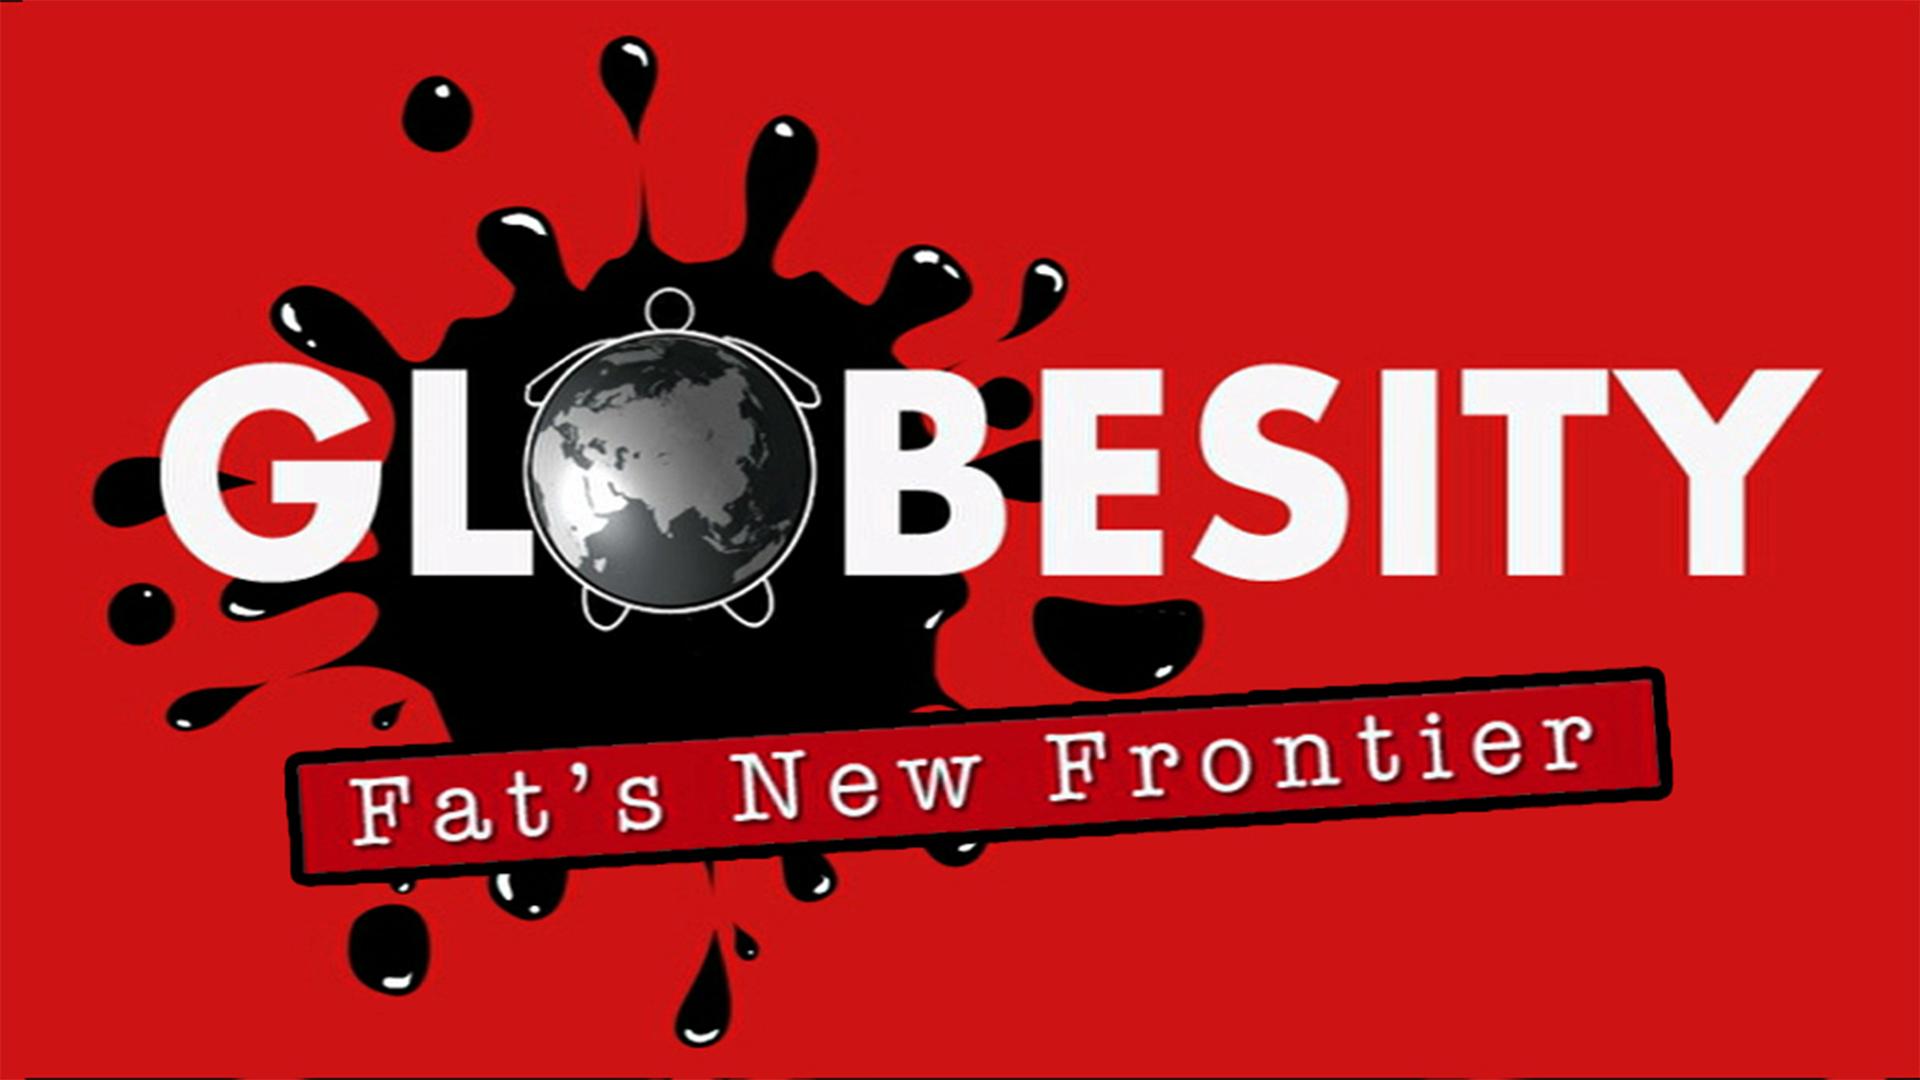 Globesity: Fat's New Frontier